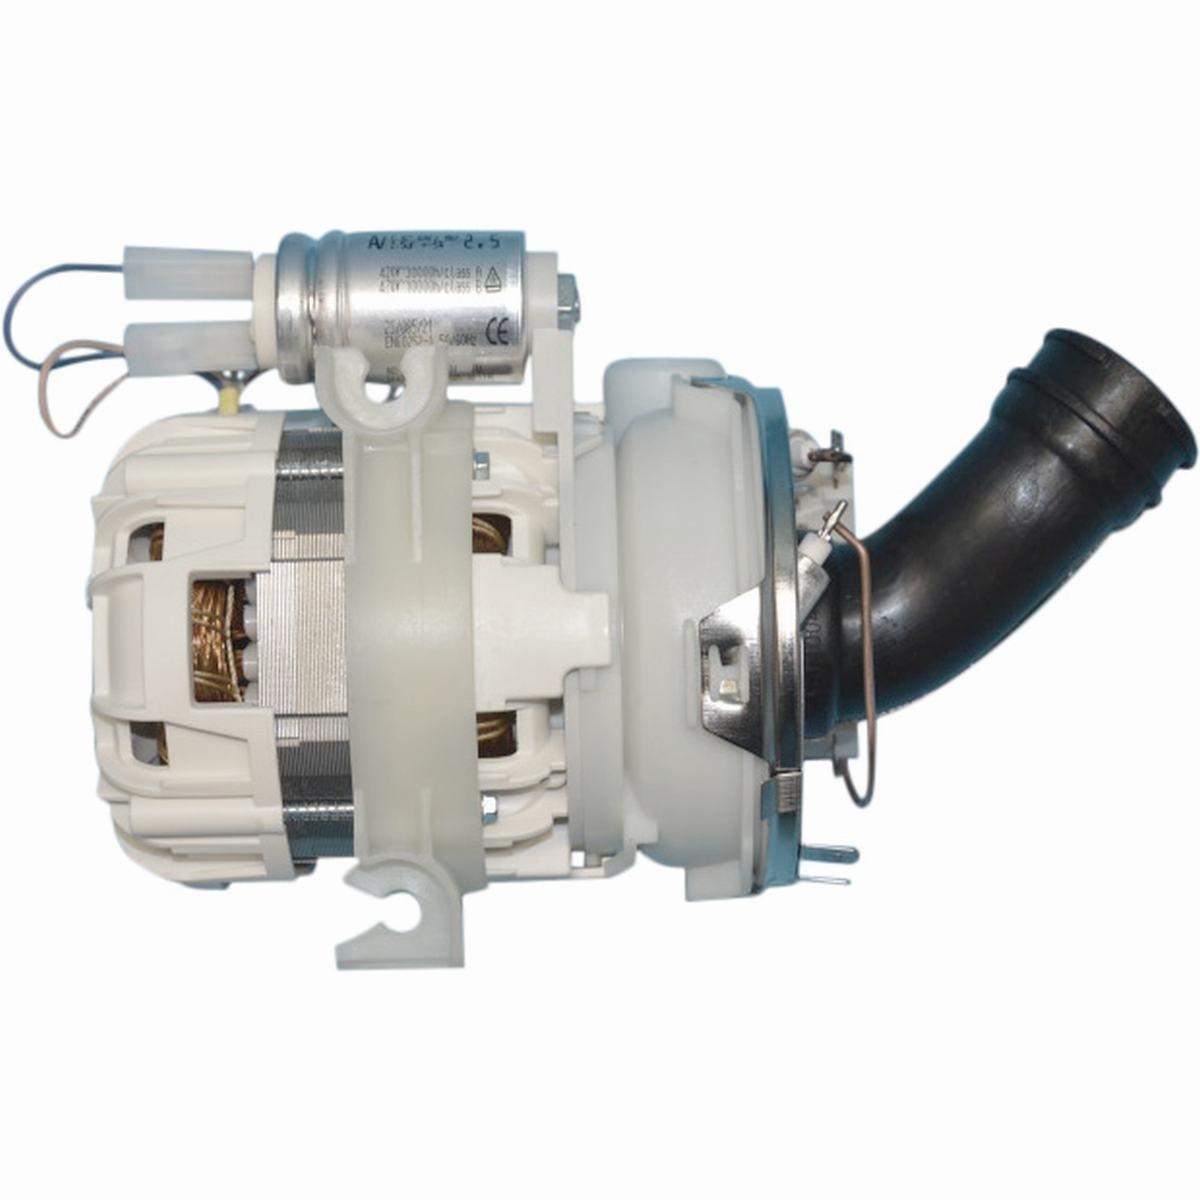 Cirkulationspump med värmeelement 230V 1800W